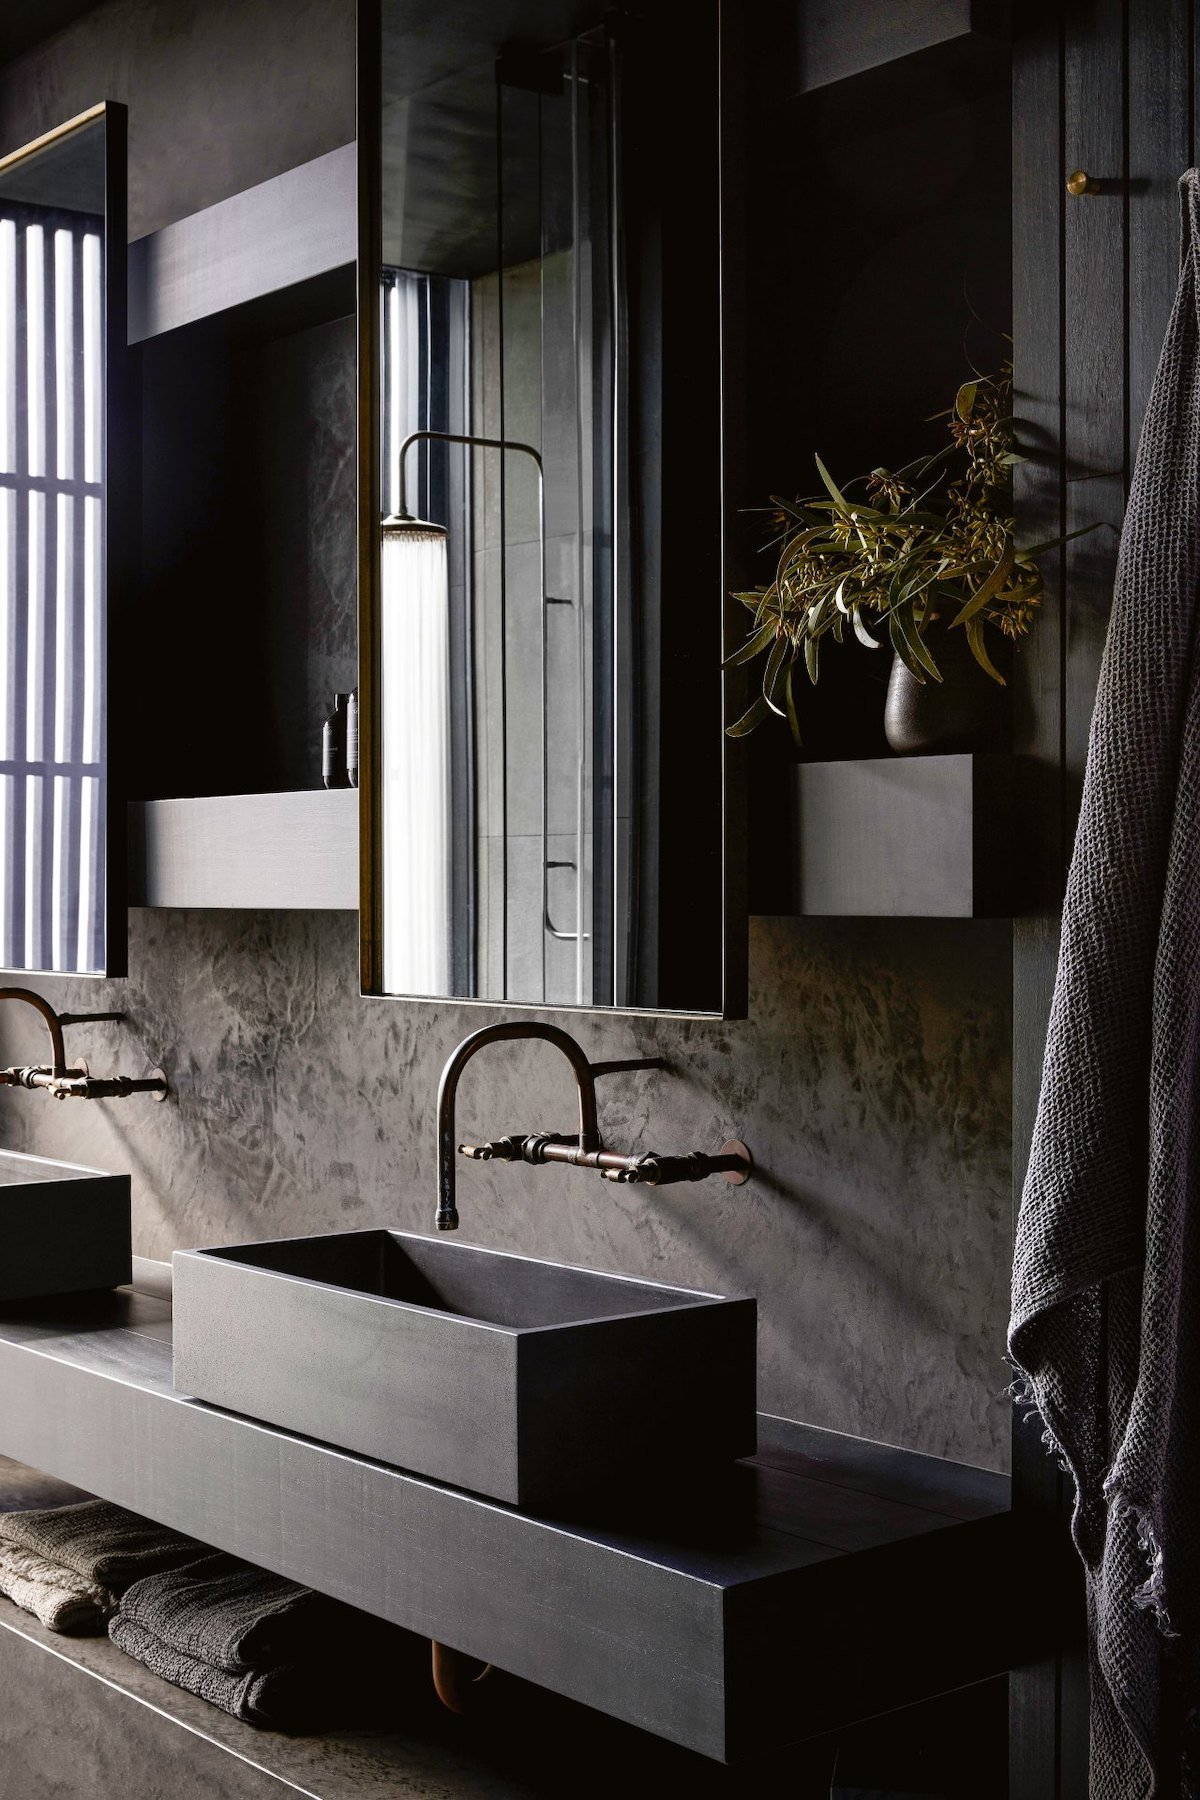 salle de bain brut déco noire grise anthracite longère moderne